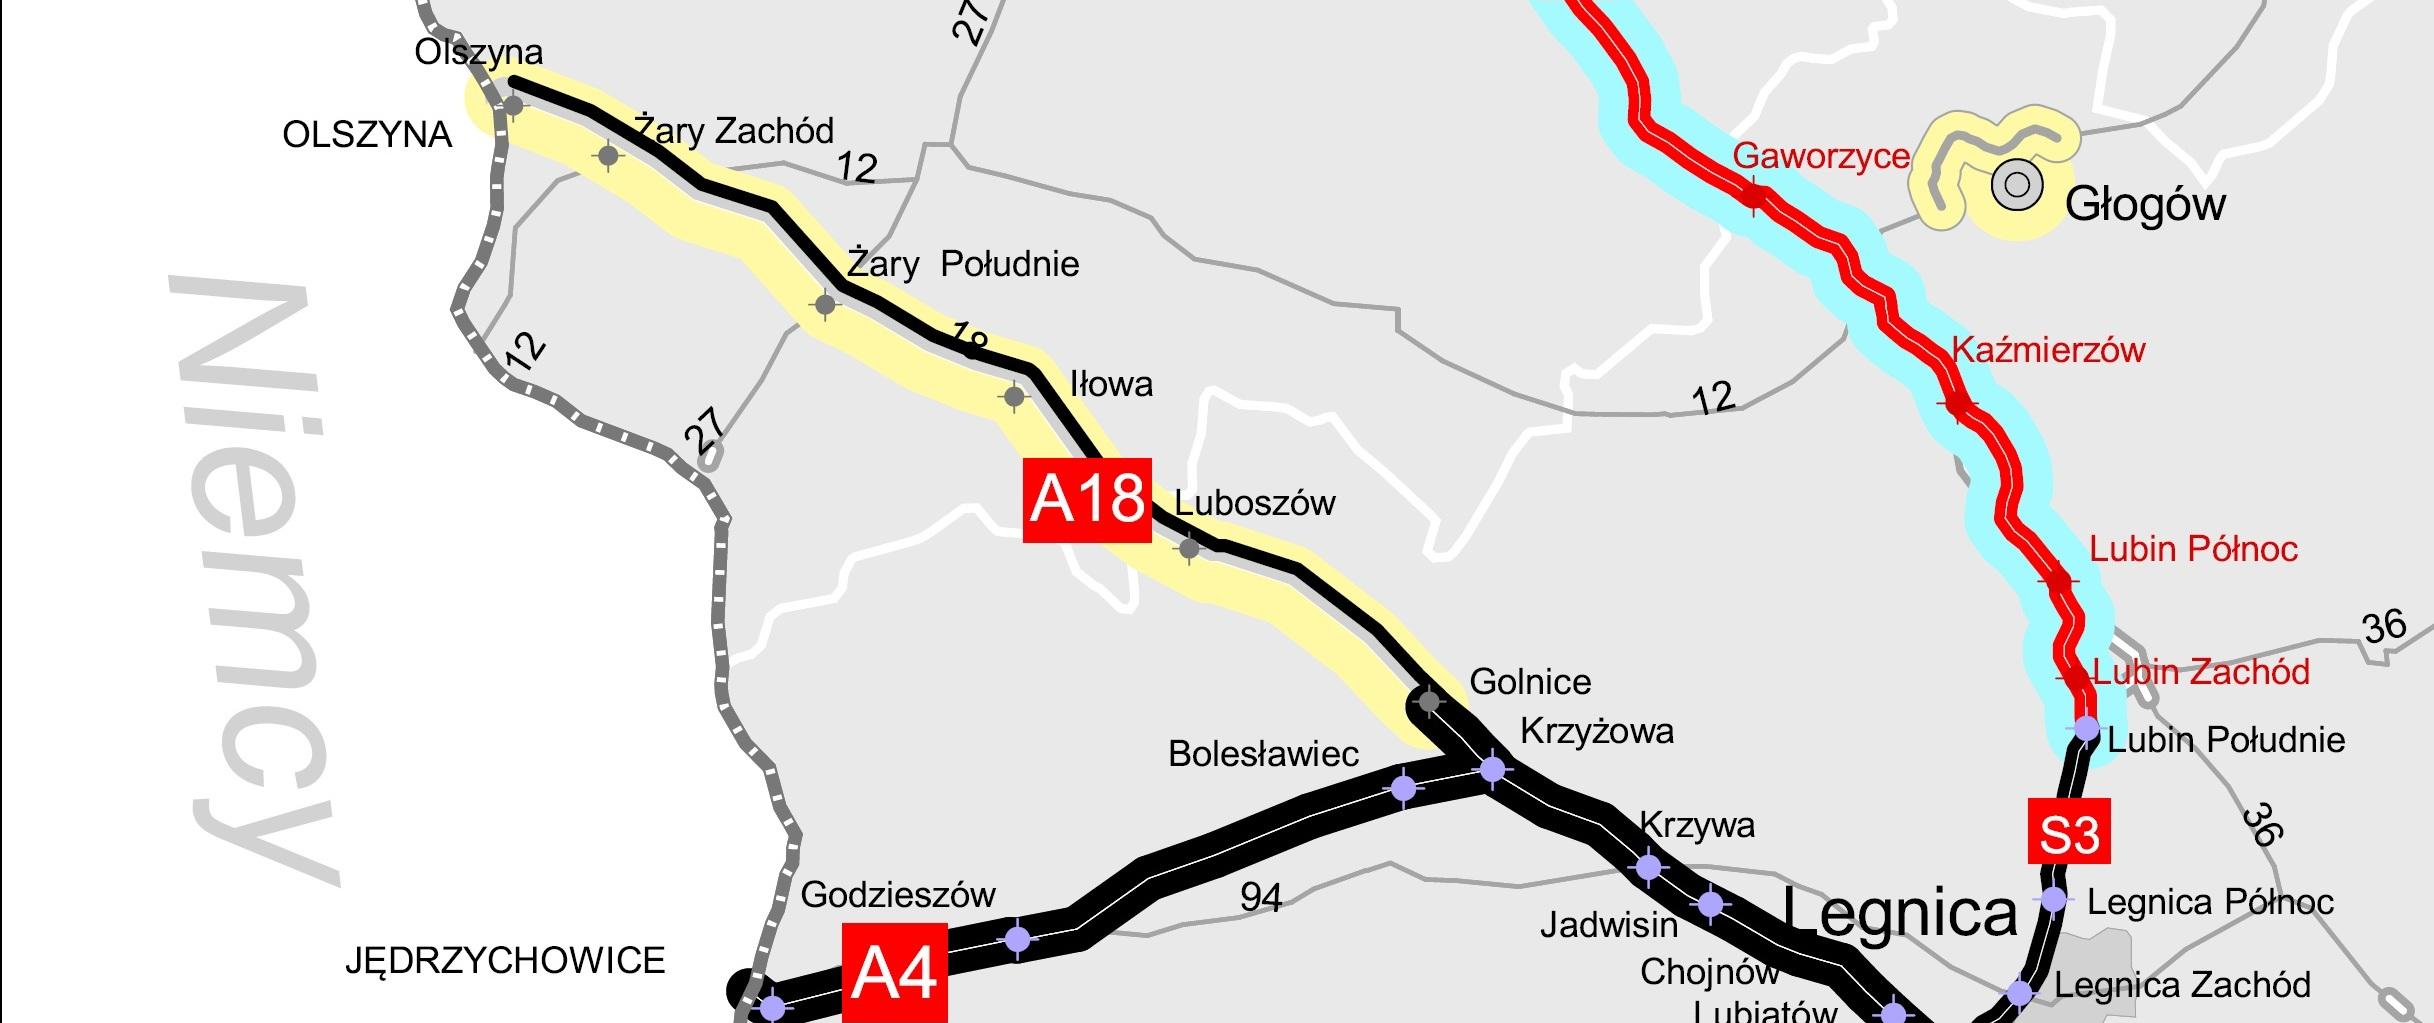 Erste Ausschreibung zur Fertigstellung der A18